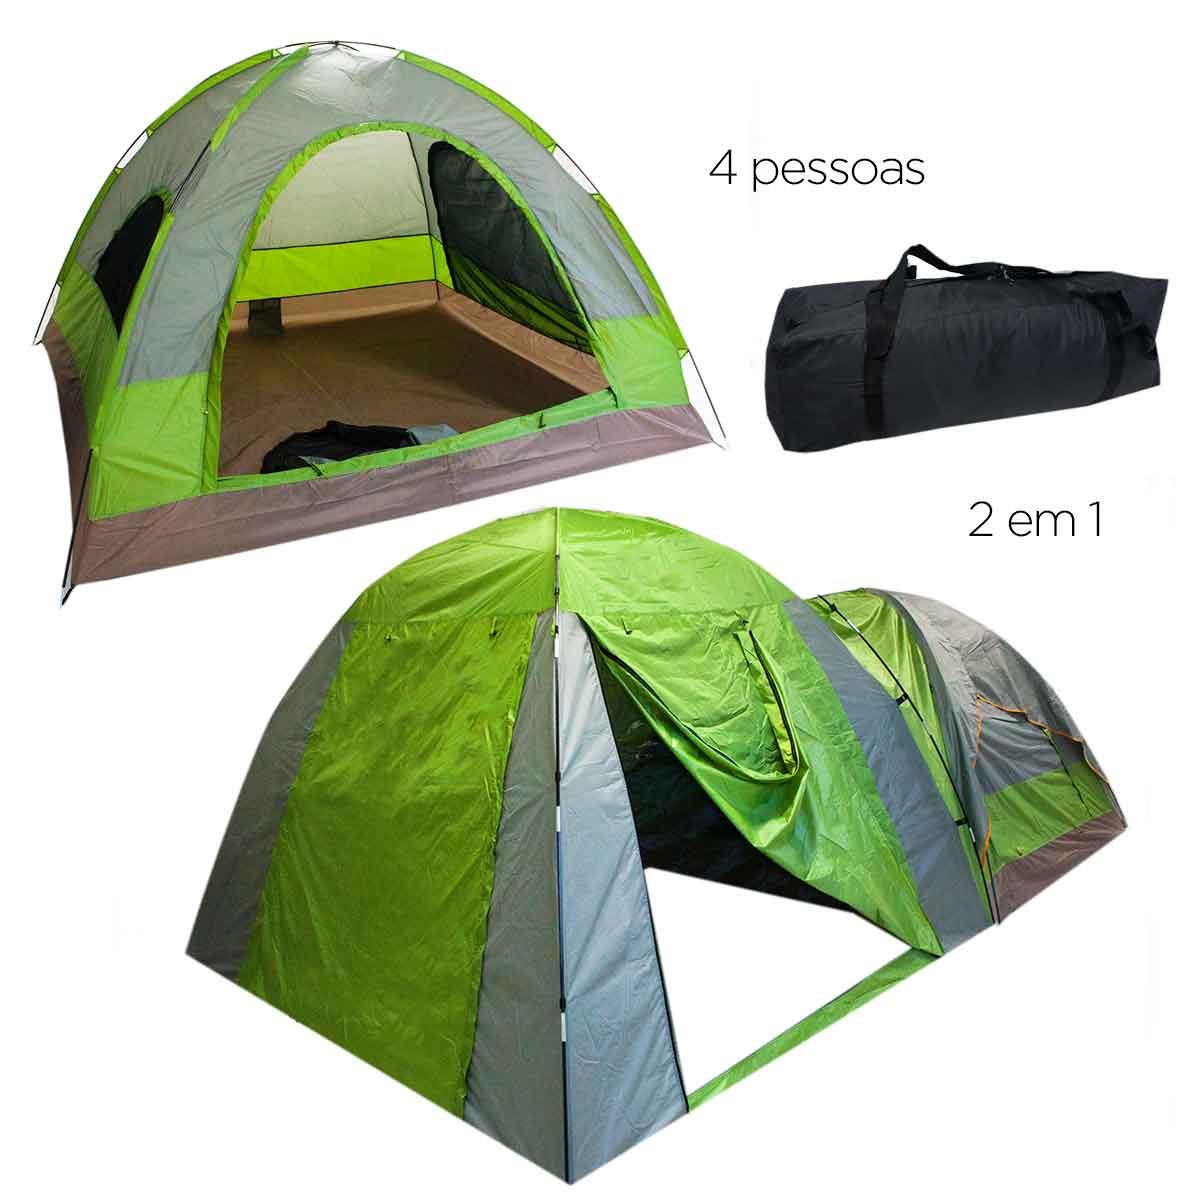 Barraca Camping 4 Pessoas Iglu Tenda Bolsa Acampamento 260cm